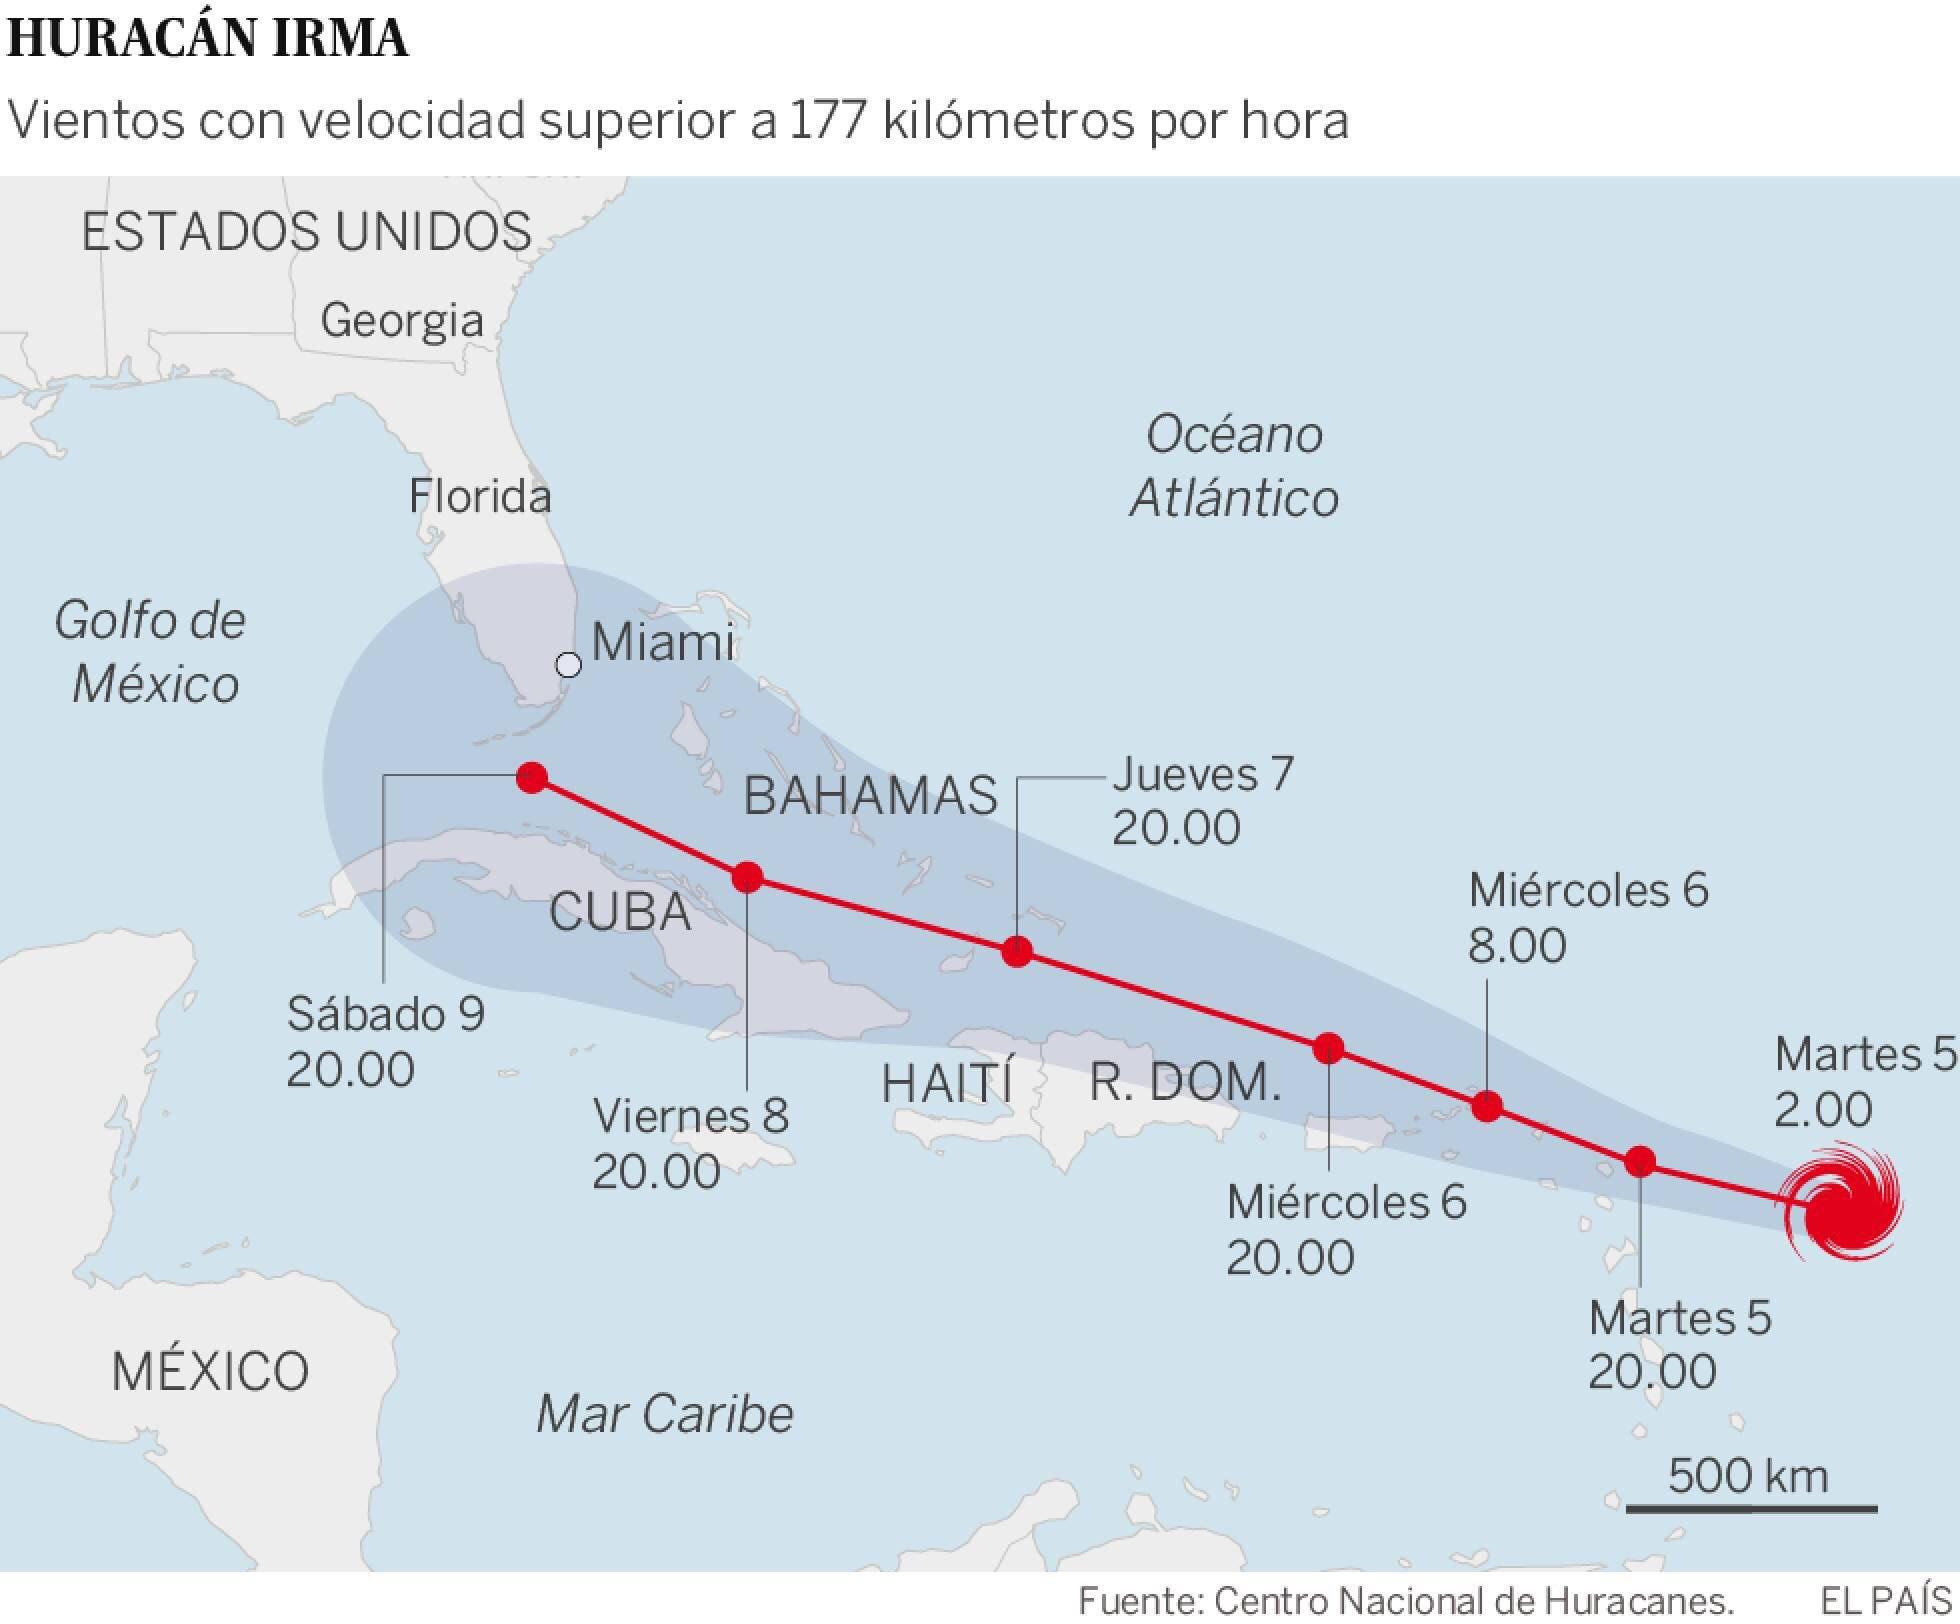 Muy pendientes del huracán #Irma y preparándonos para intervenir y apoyar a los niños de #Haiti https://t.co/MRX6I5ObsU